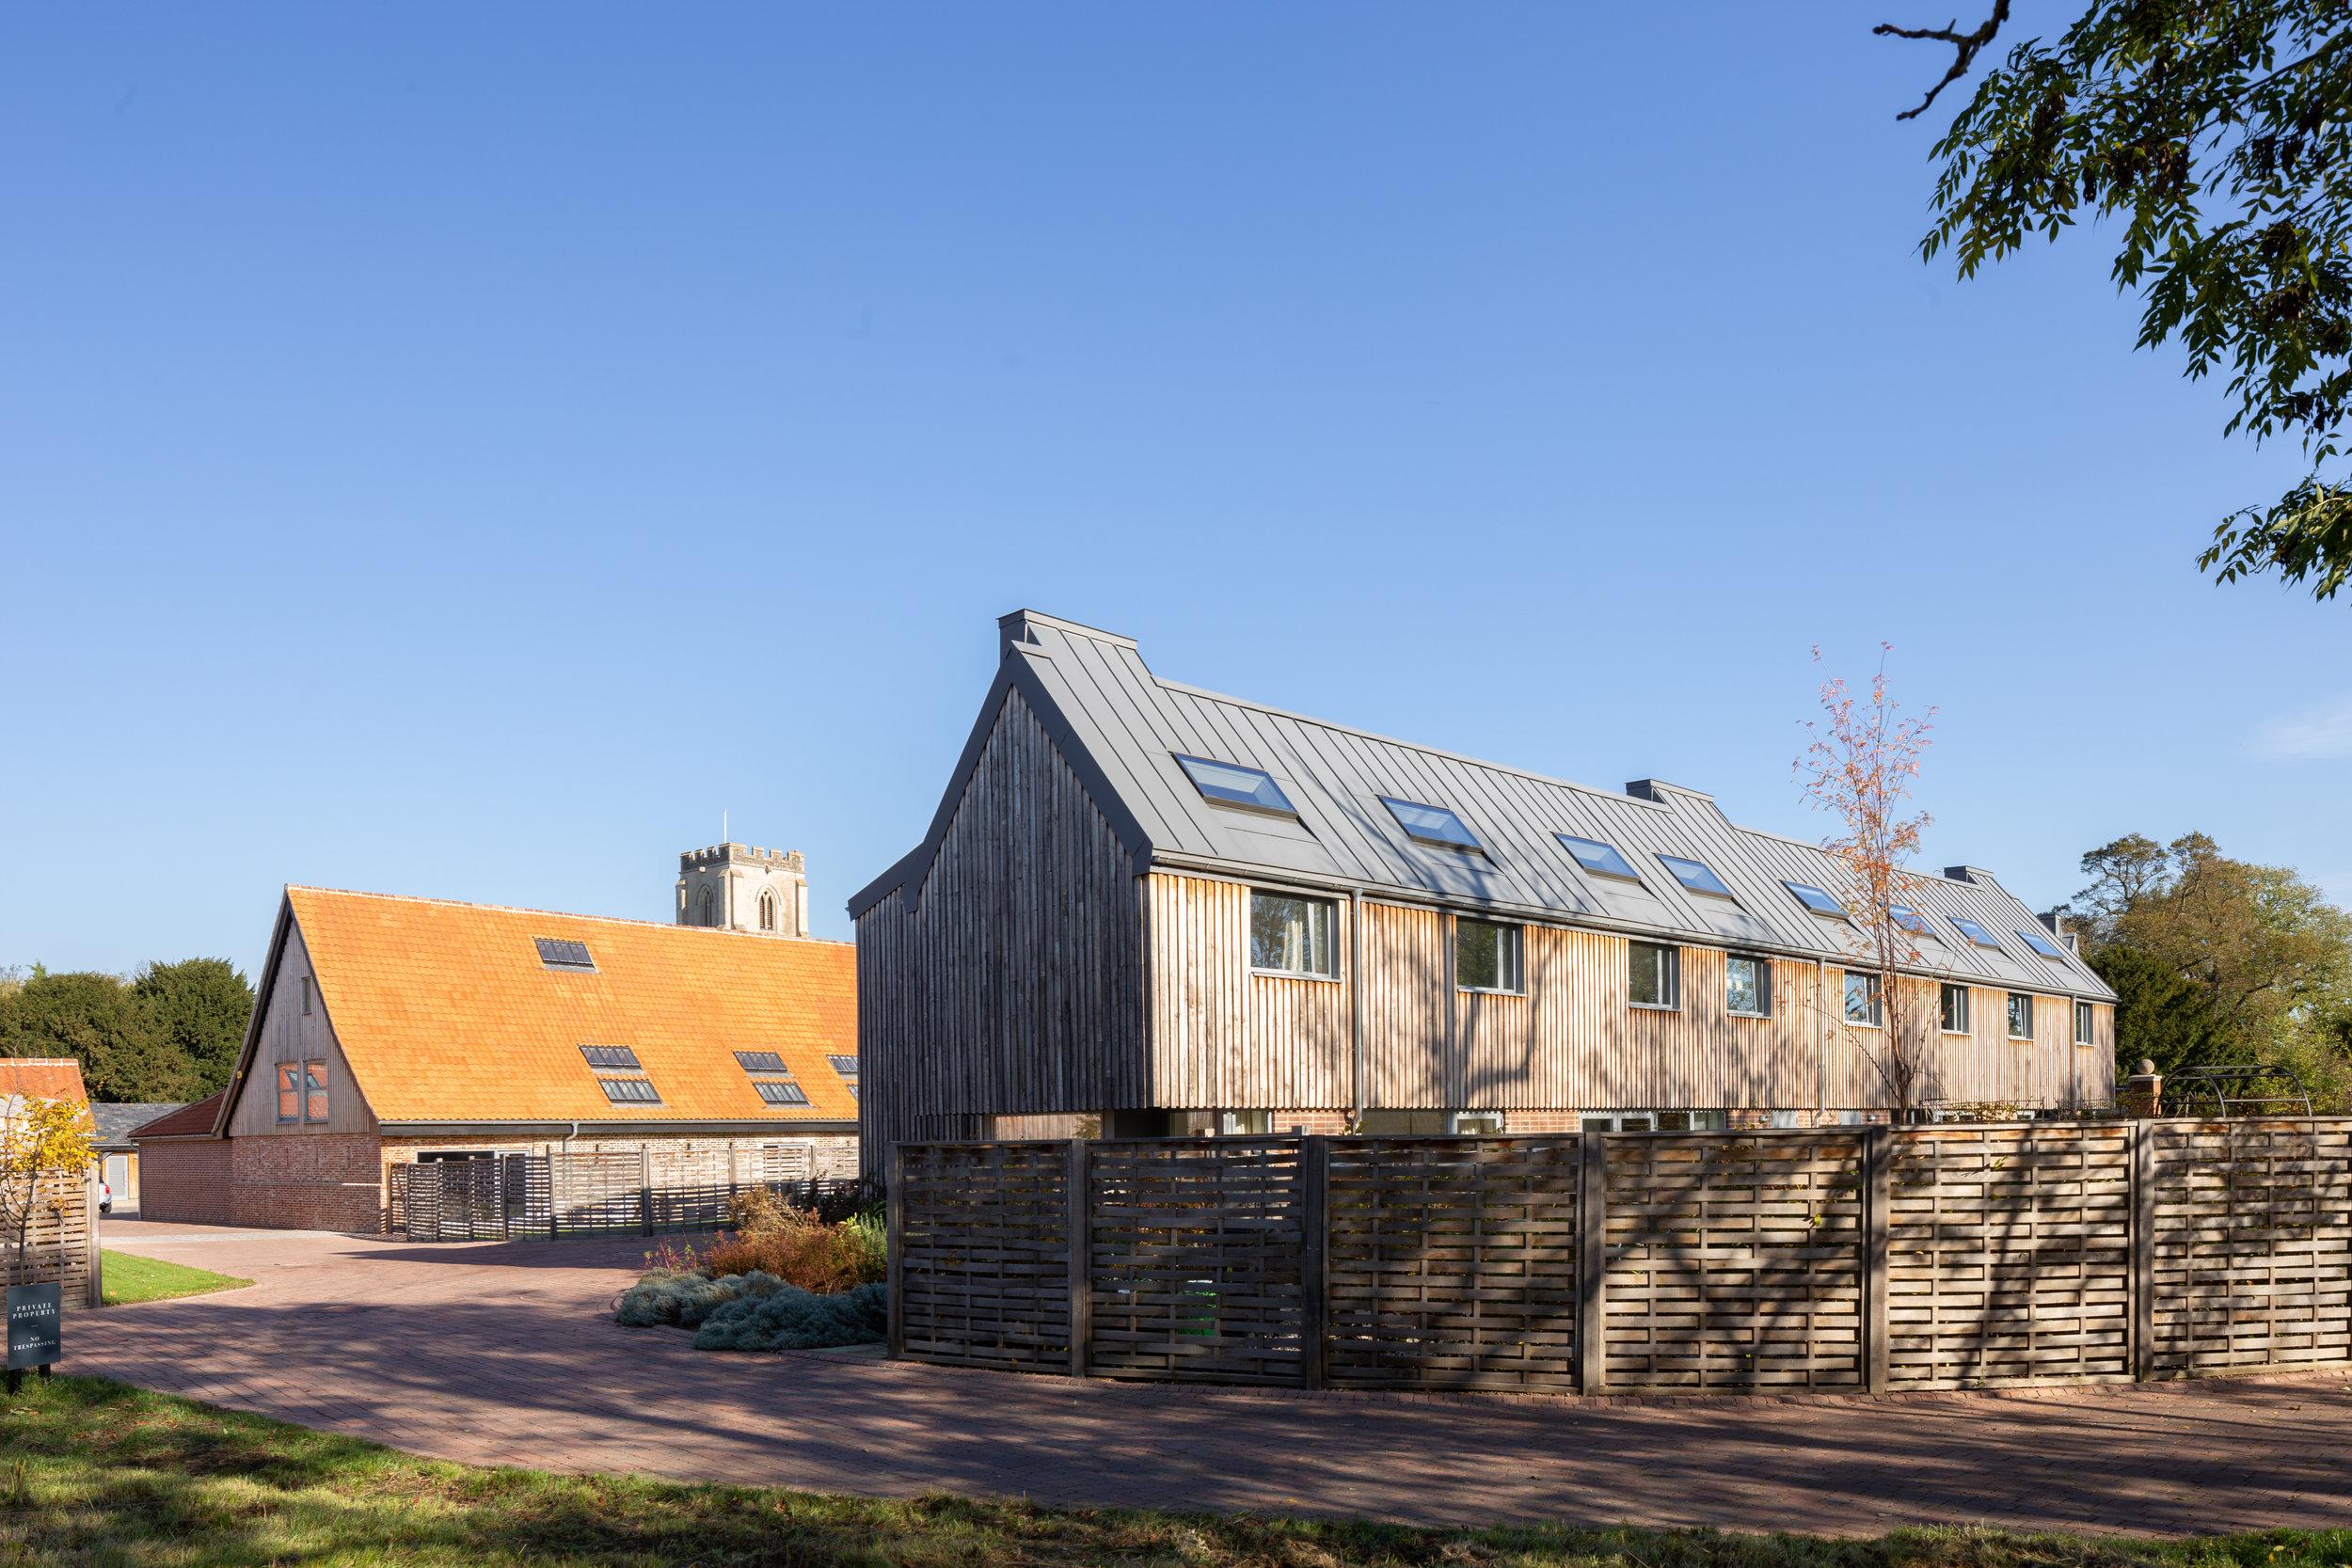 CGA_Anstey Hall Barns_IMG_5337.jpg